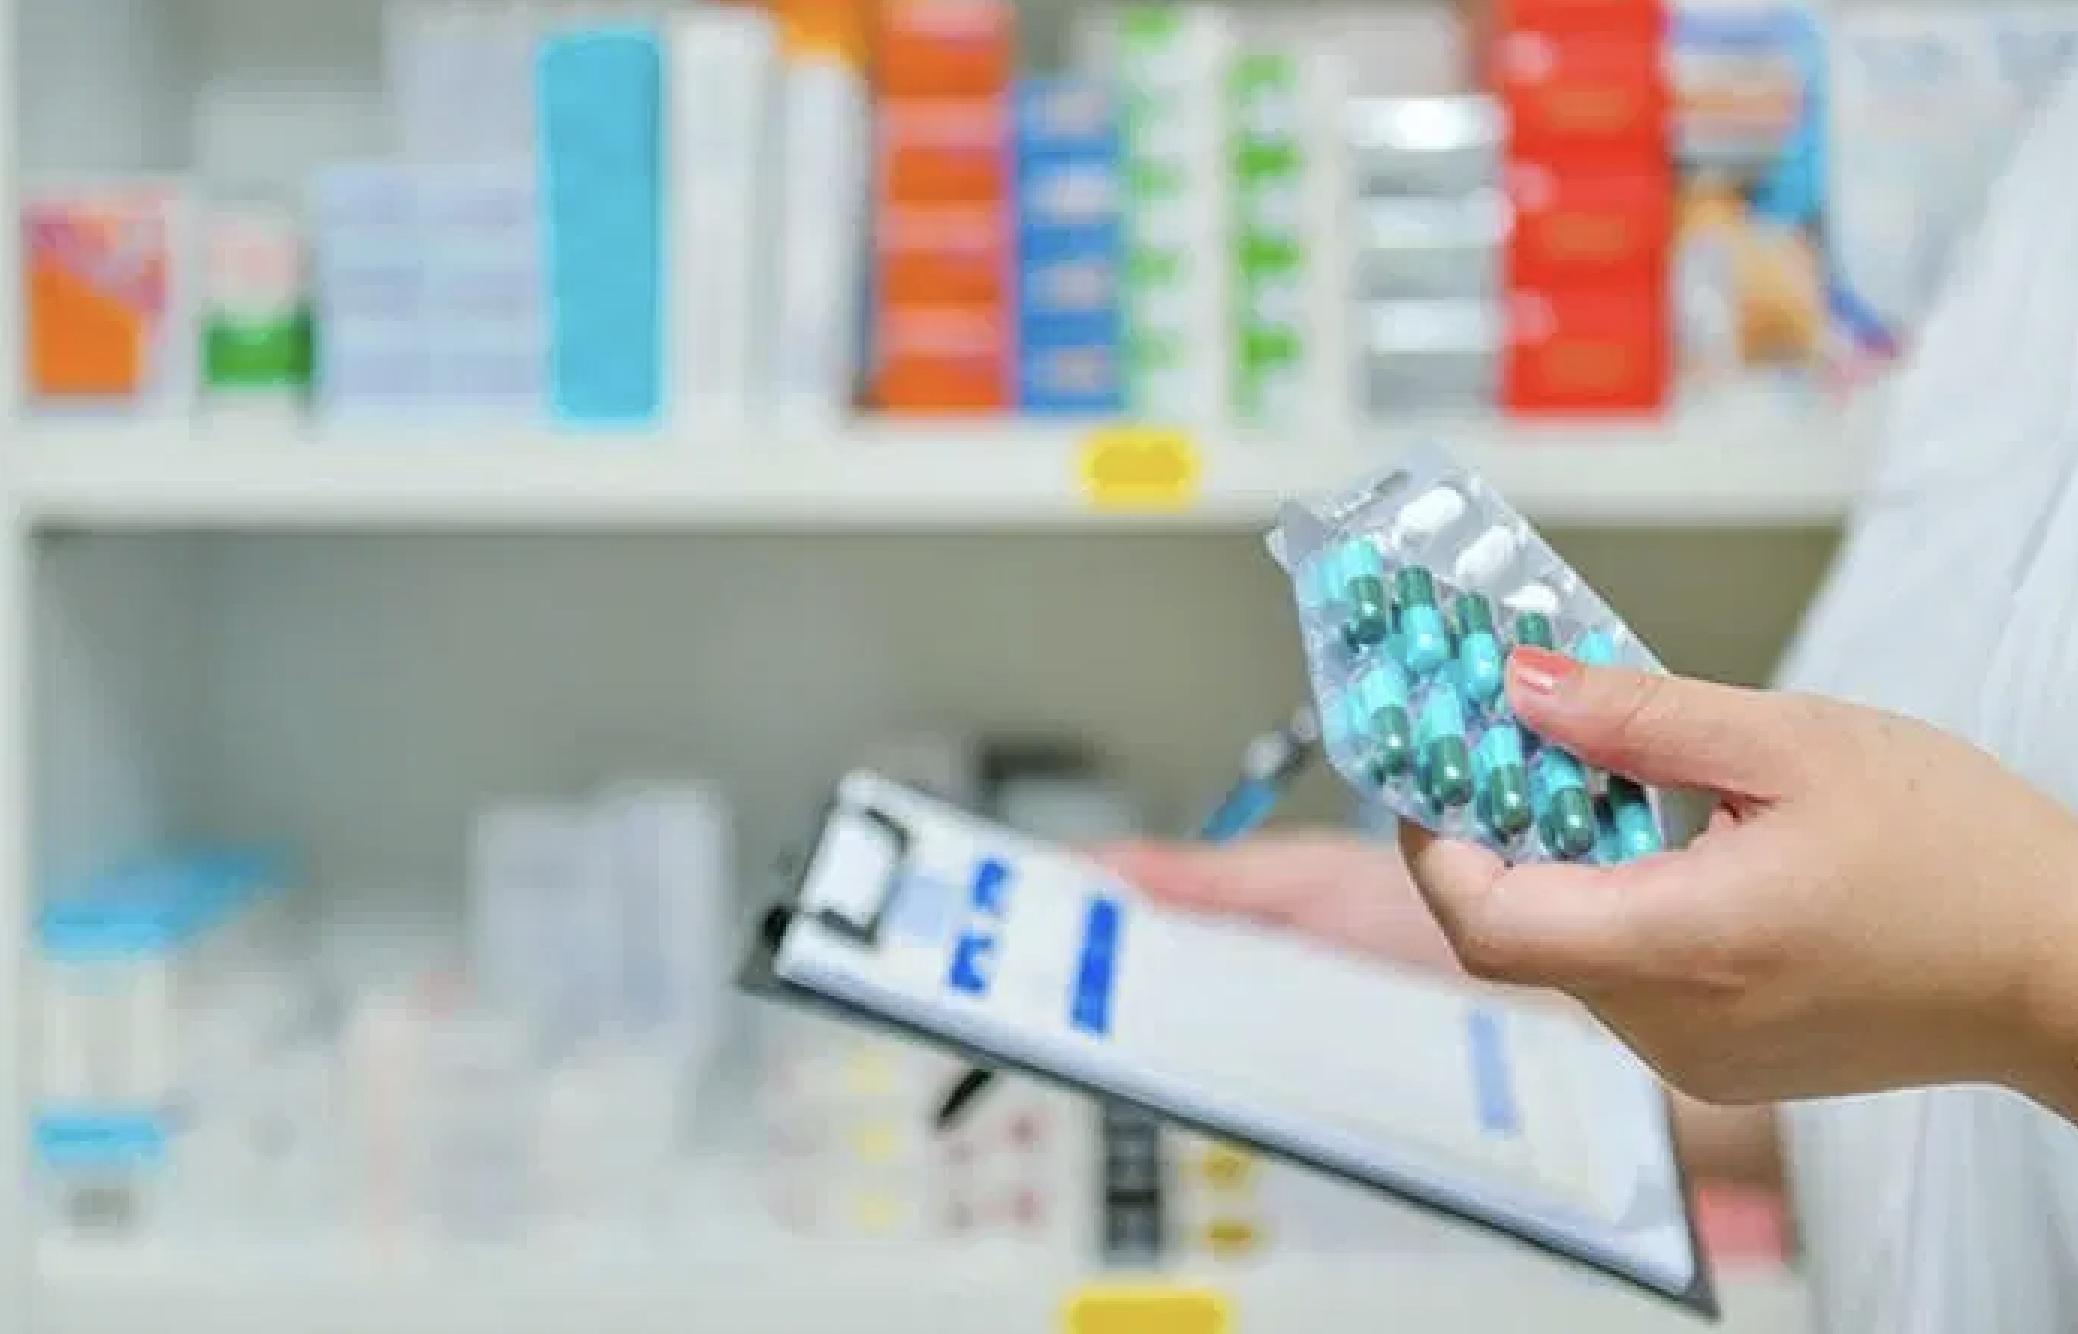 Errores de medicación cuestan 42,000 mdd al año